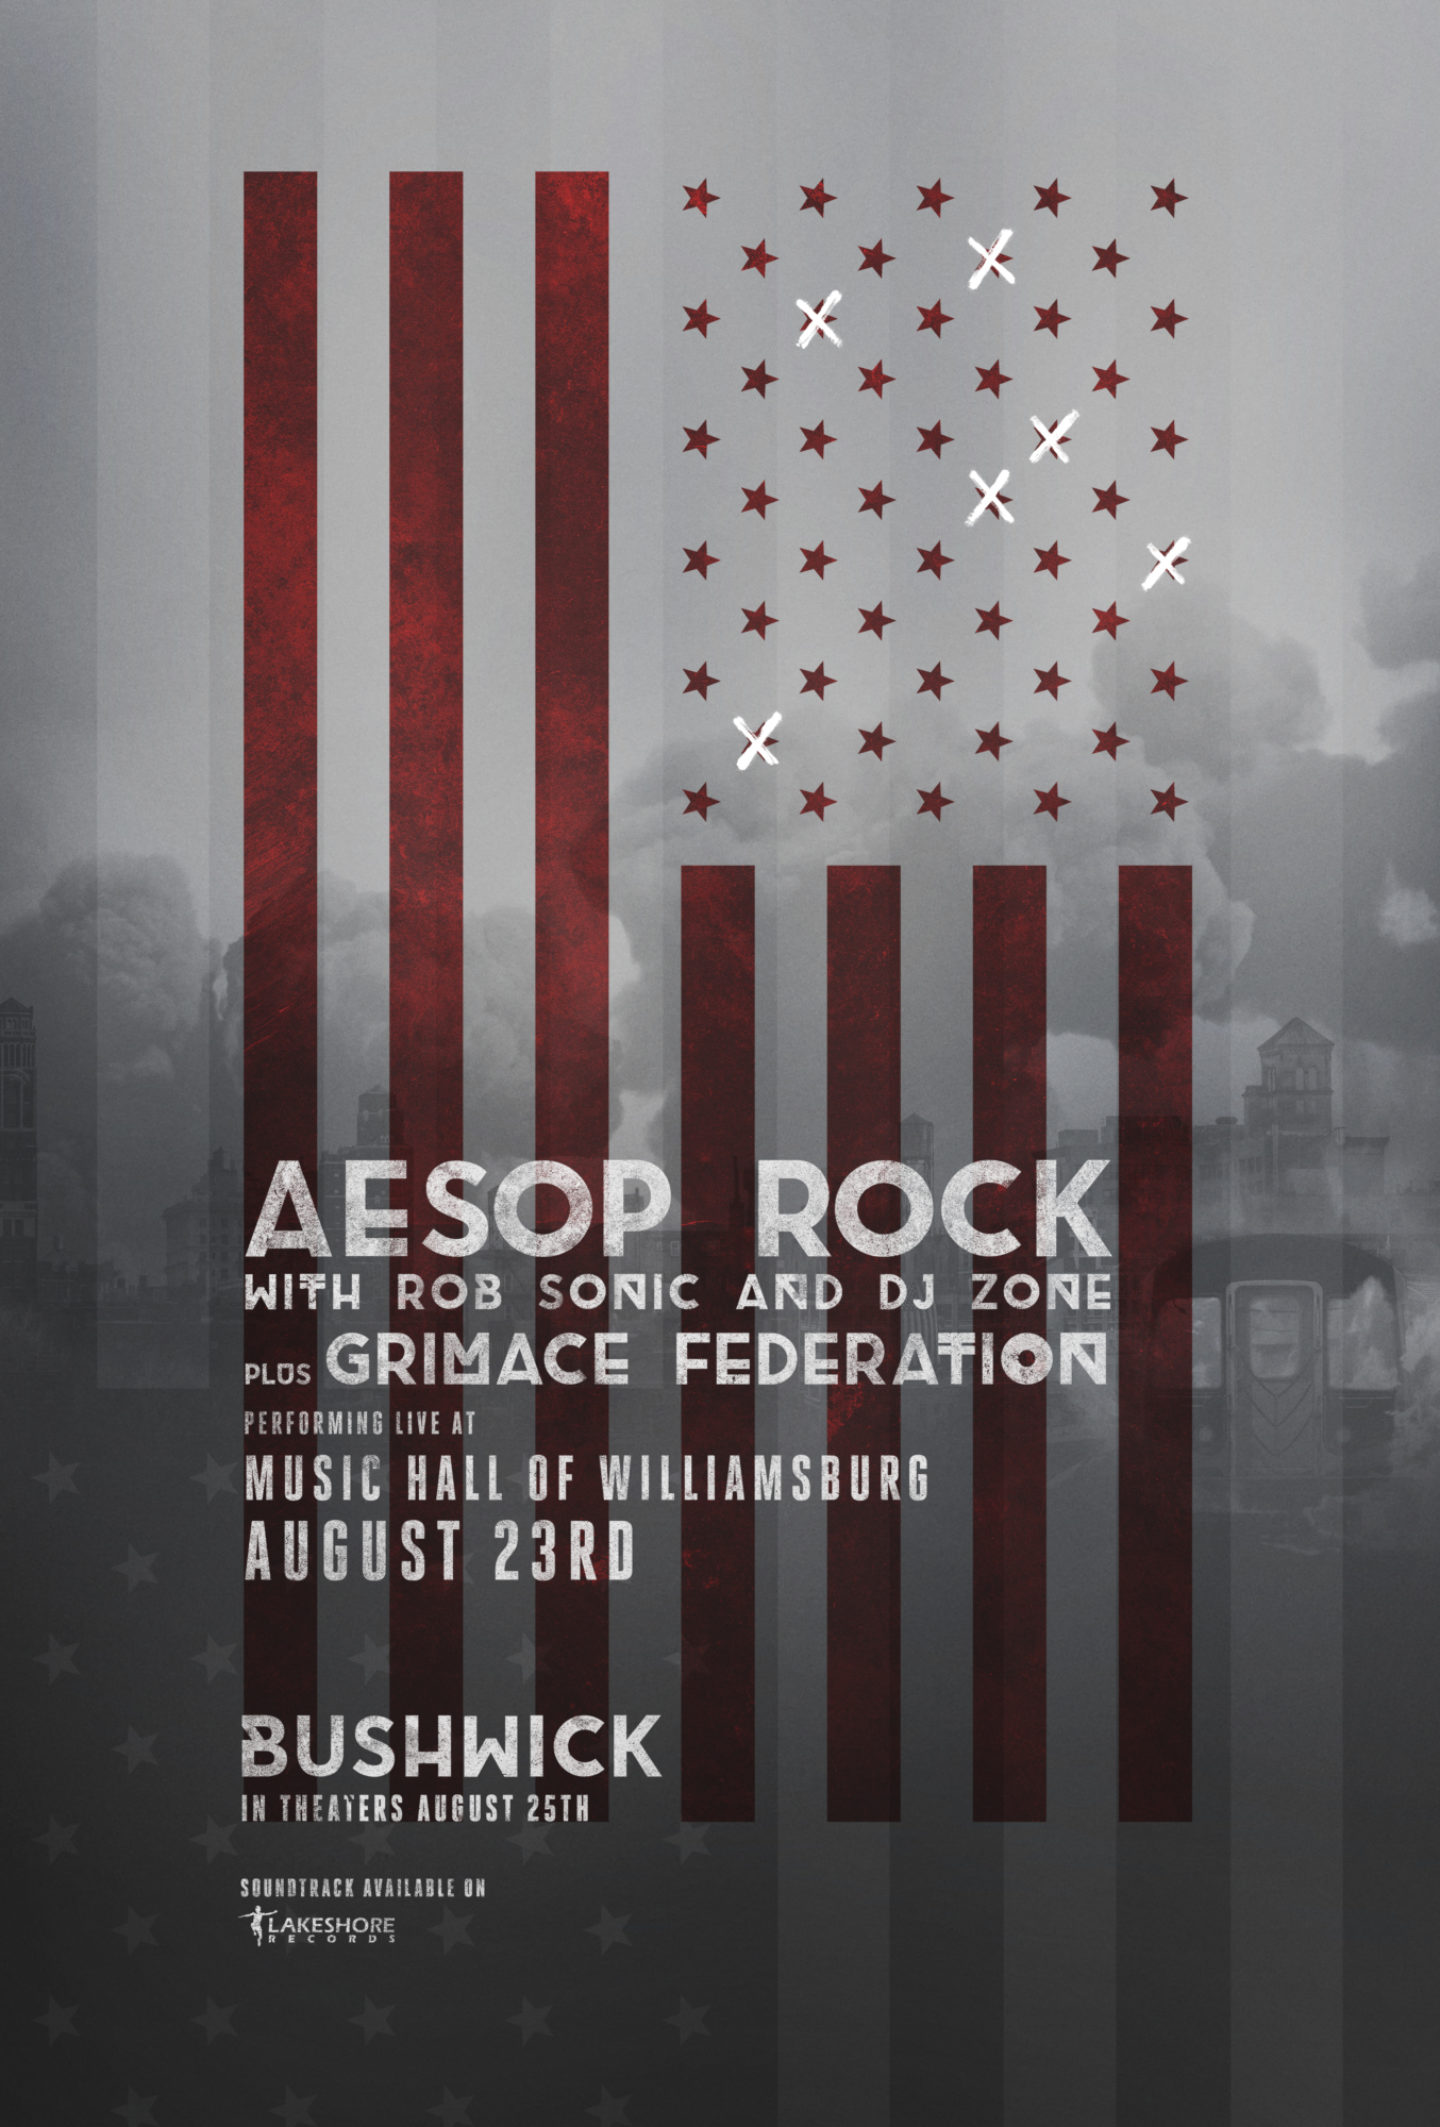 Aesop Rock Bushwick 4